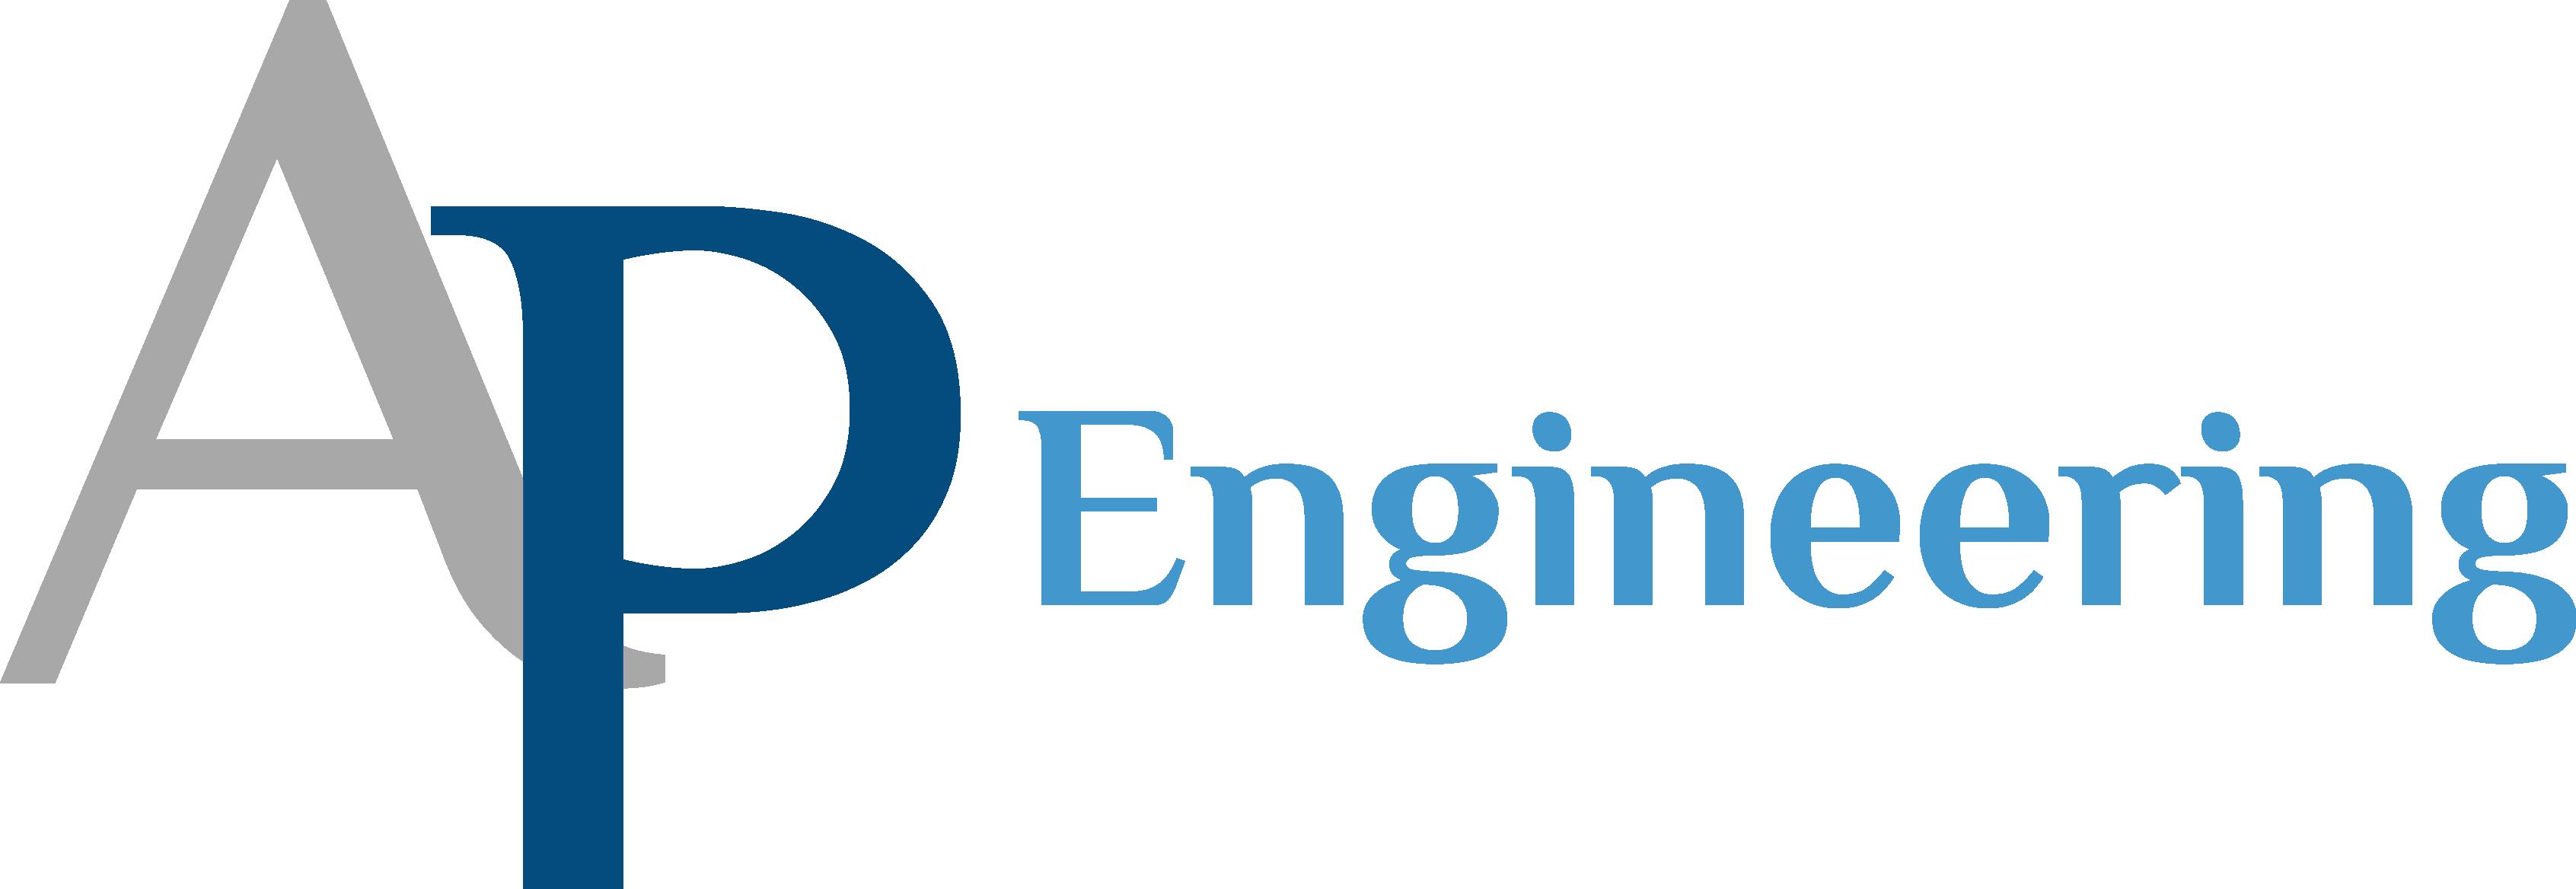 ap engineering